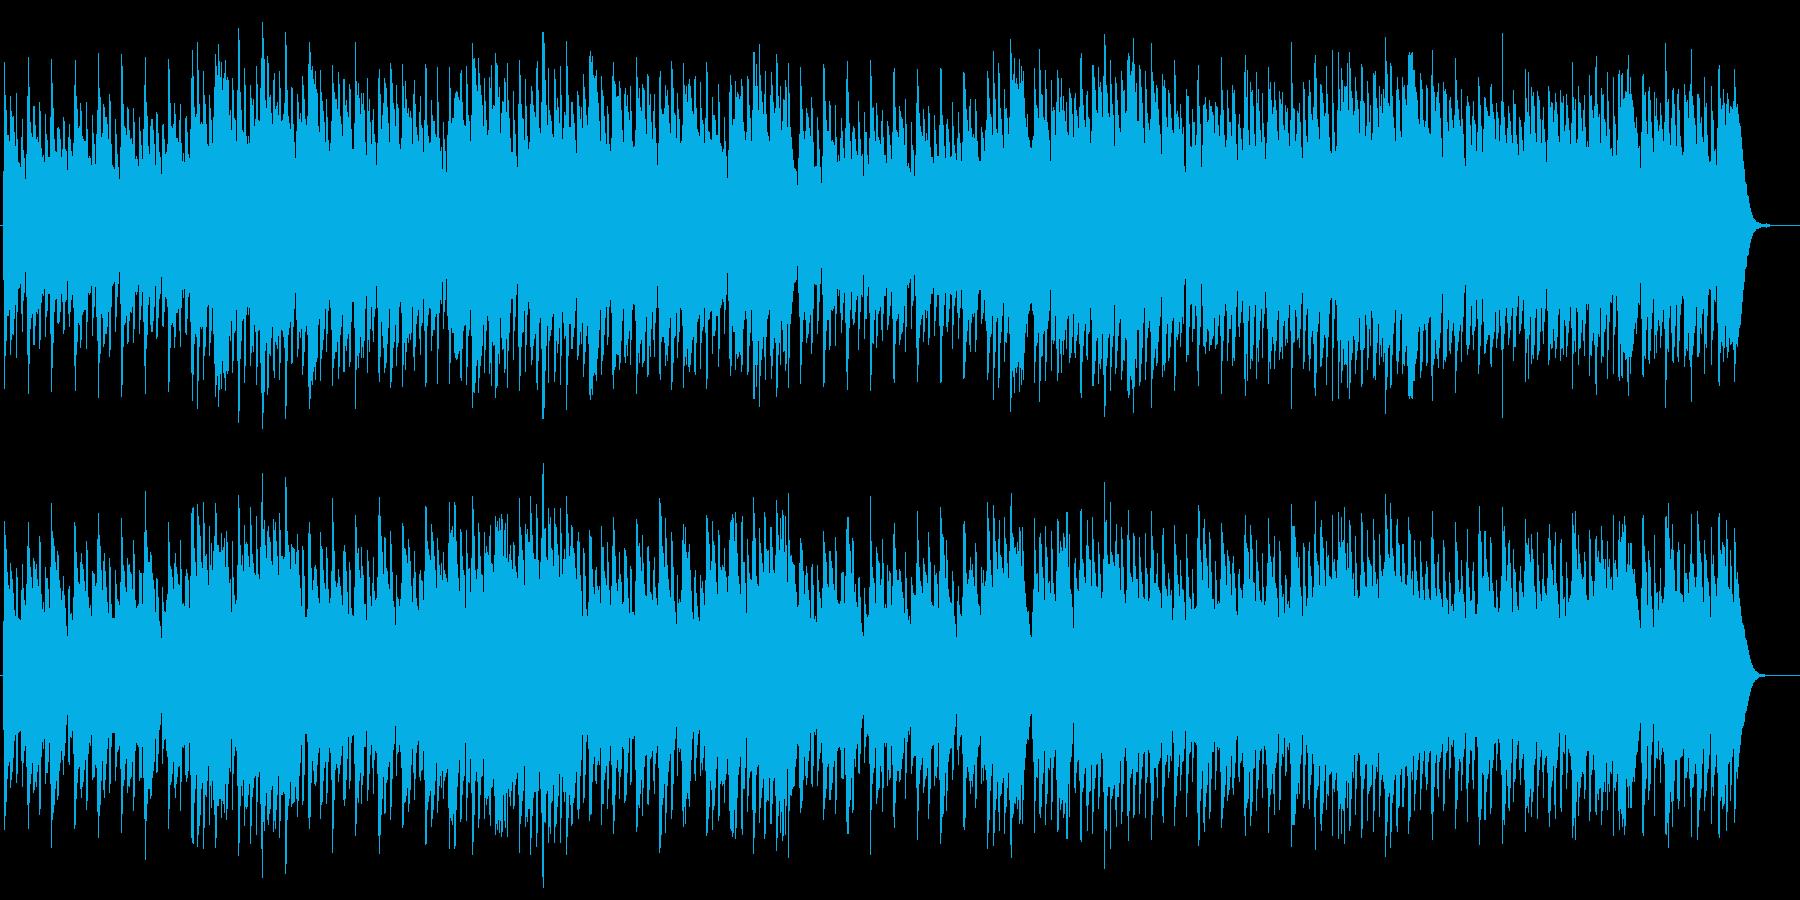 ビンゴ(Bingo)オルゴールの再生済みの波形